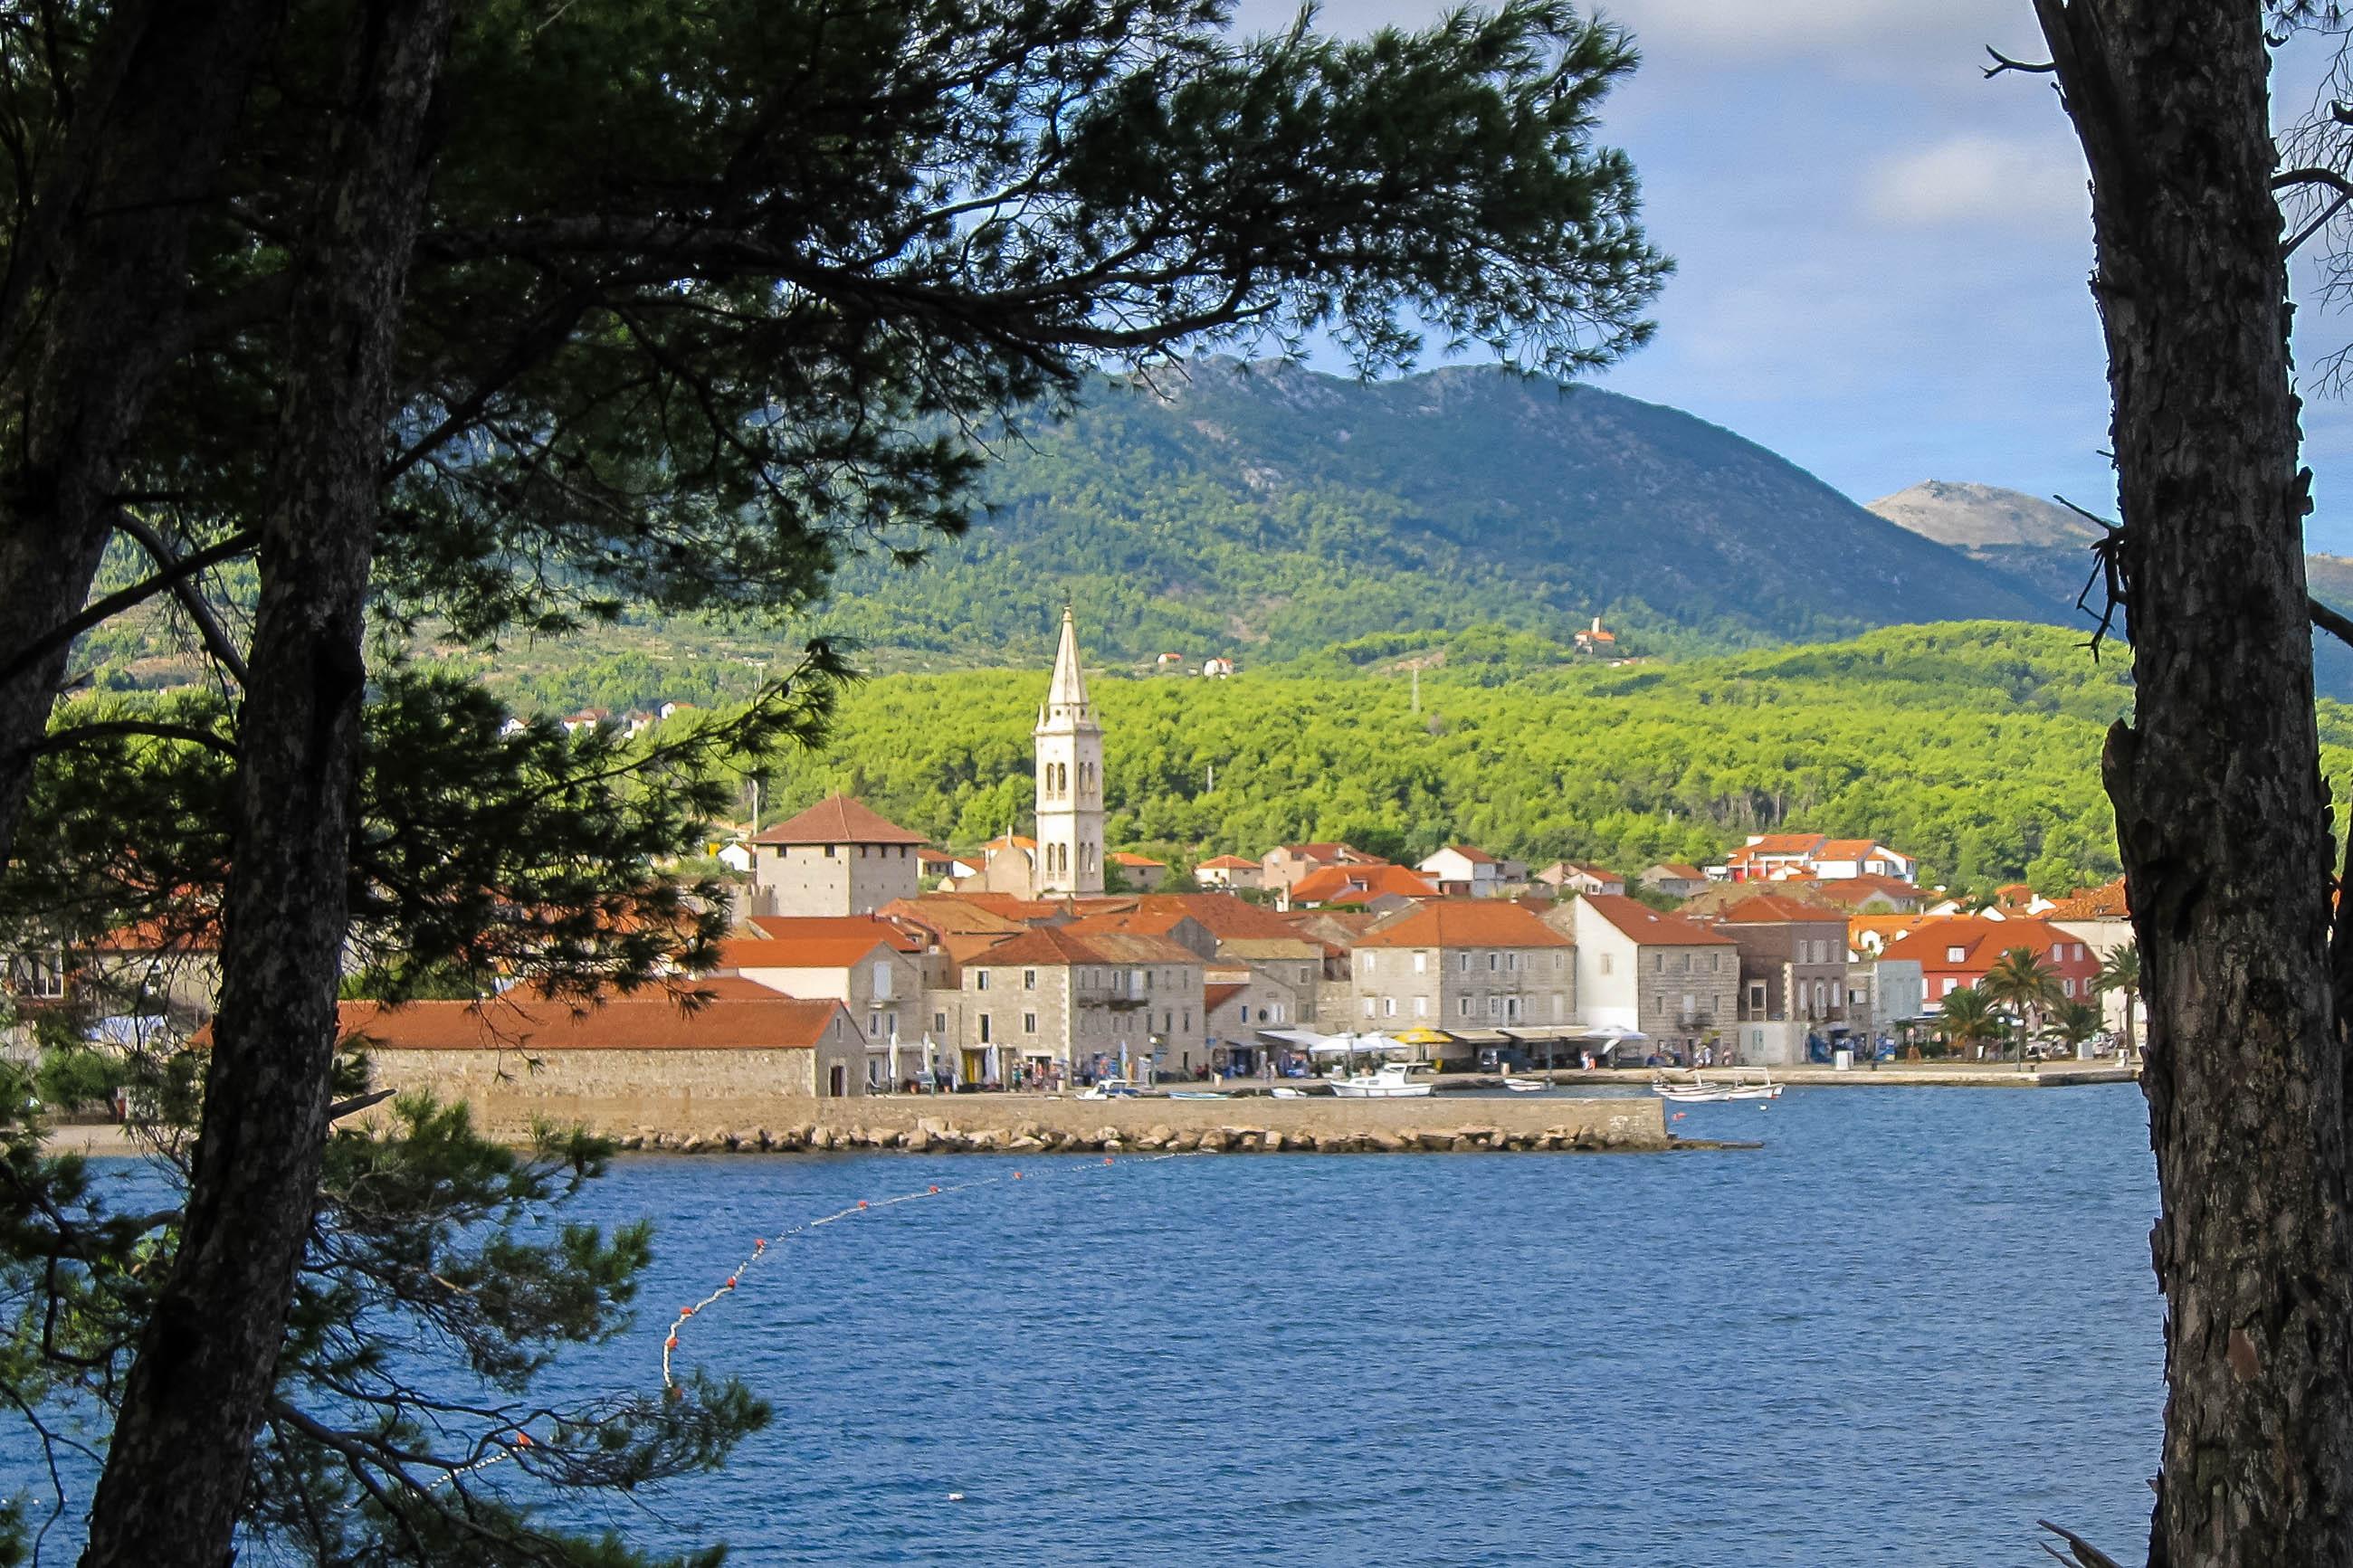 Blick auf den aufstrebenden Touristenort Jelsa auf der kroatischen Insel Hvar; der ideale Ausgangspunkt für Wanderungen und Boots- und Badeausflüge - © FRASHO / franks-travelbox